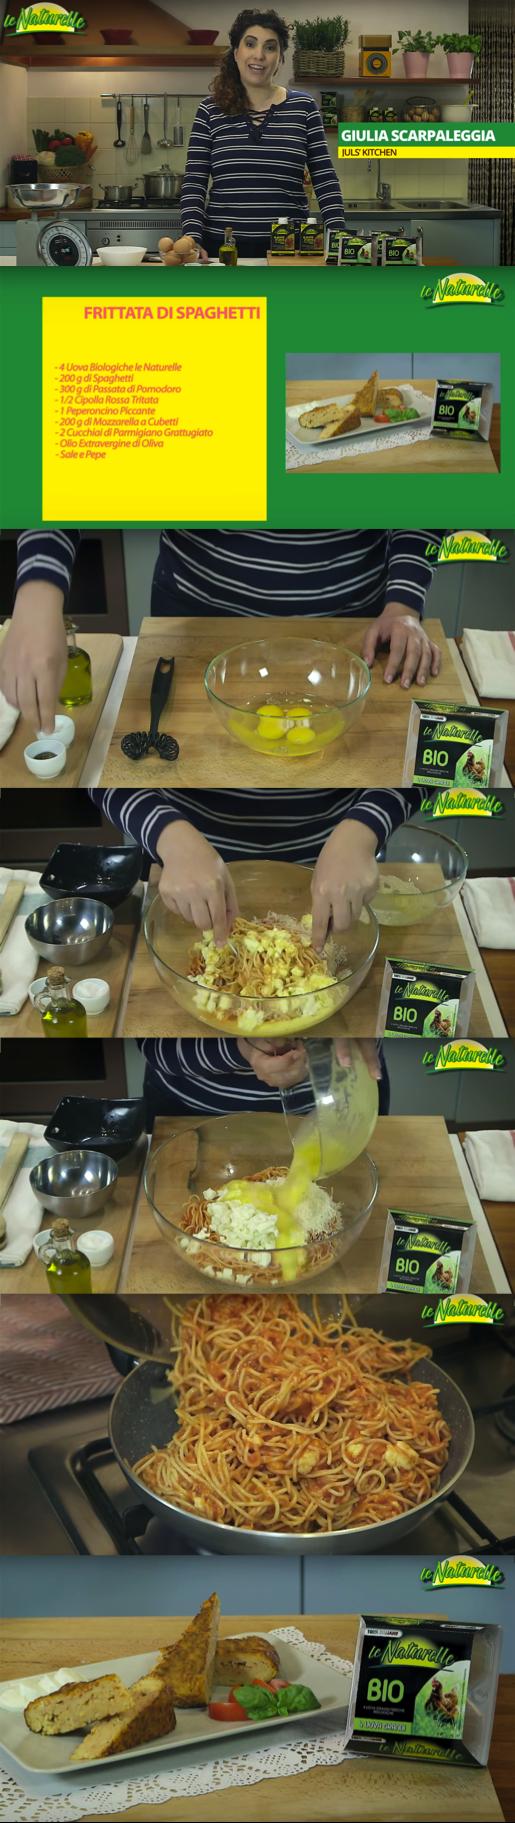 La gustosa #ricetta della #frittata di #spaghetti. Ecco a voi gli #ingredienti:4 uova biologiche le Naturelle, 200 g di spaghetti, 300 g di passata di pomodoro, ½ cipolla rossa tritata, 1 peperoncino piccante, 200 g di mozzarella a cubetti, 2 cucchiai di parmigiano grattugiato, Olio extra vergine di oliva qb, Sale qb e Pepe nero qb!